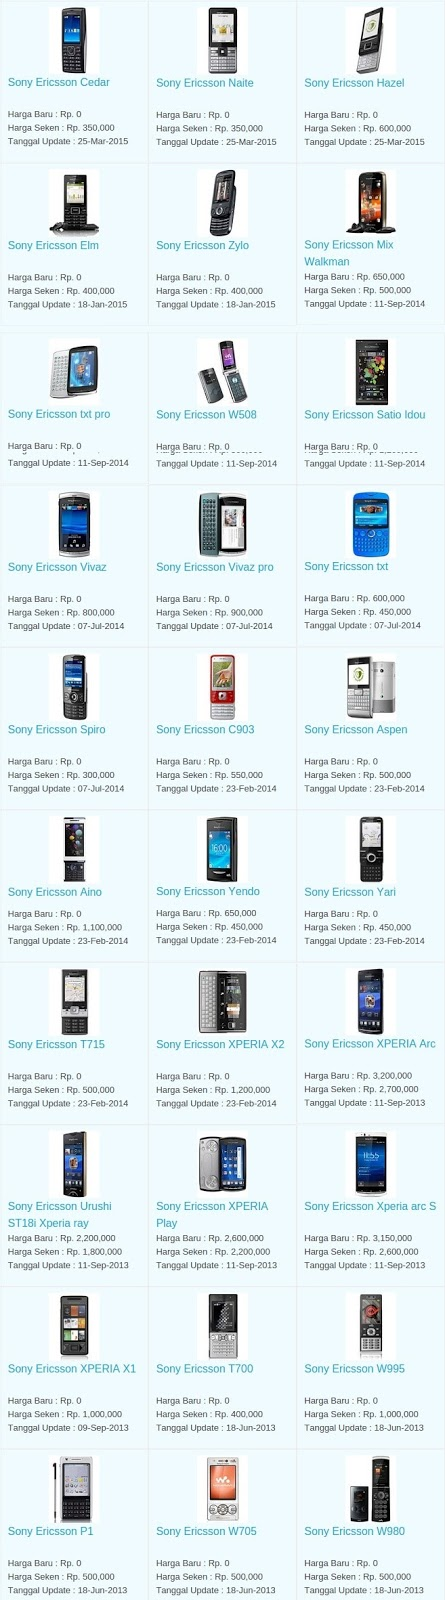 Daftar Harga Hp Terbaru Sony Ericsson Mei 2016